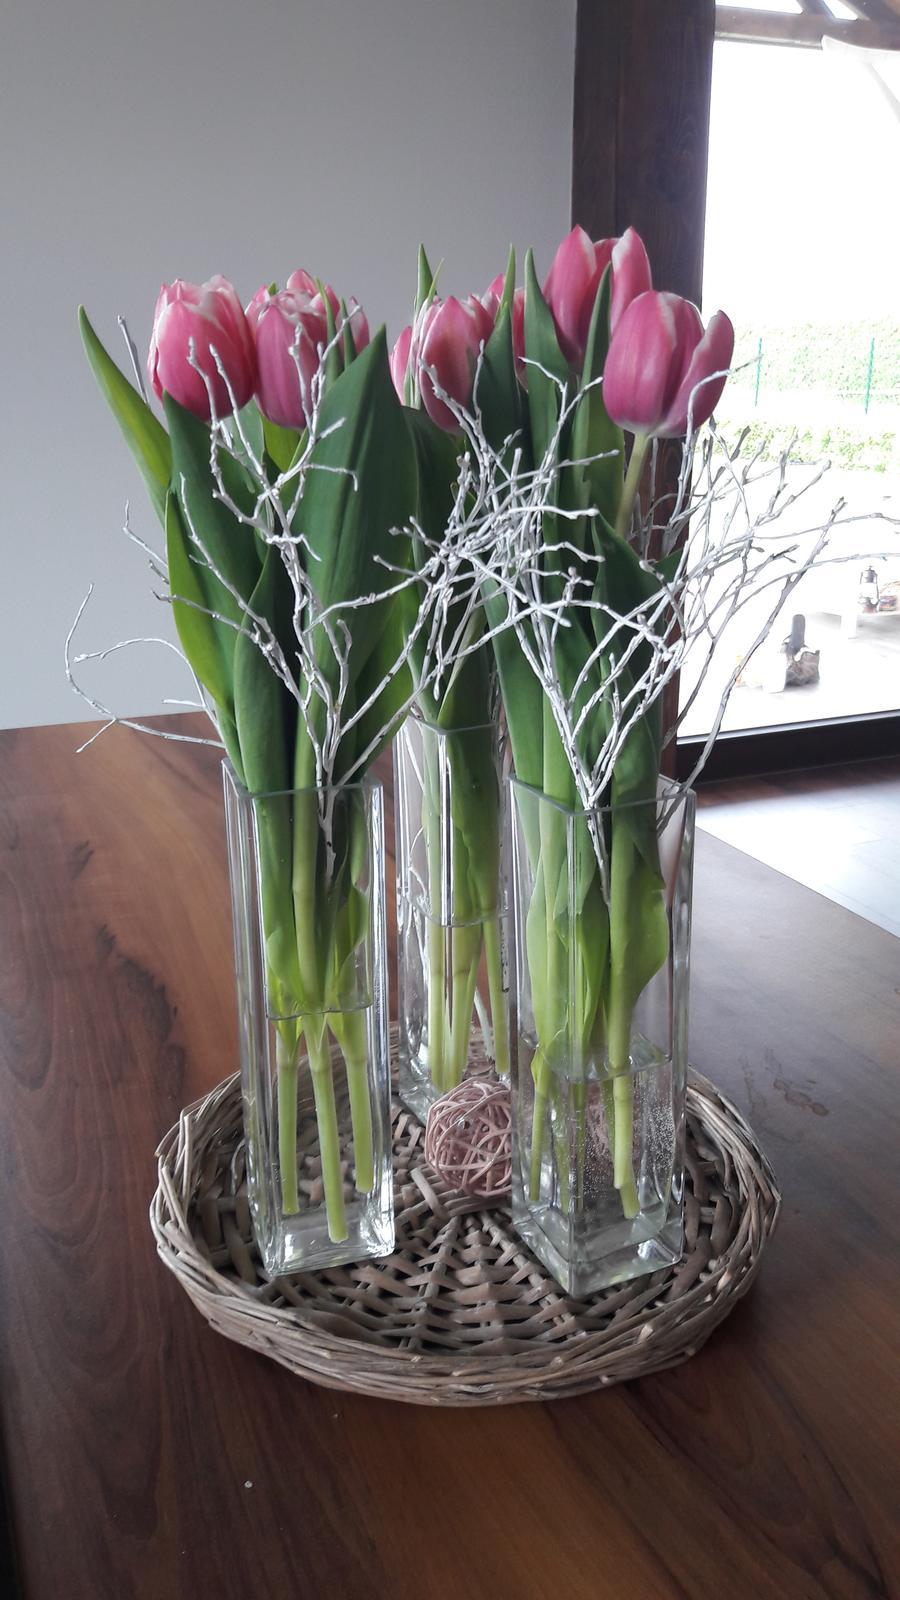 Náš domov :) - Milujem tulipány ❤️